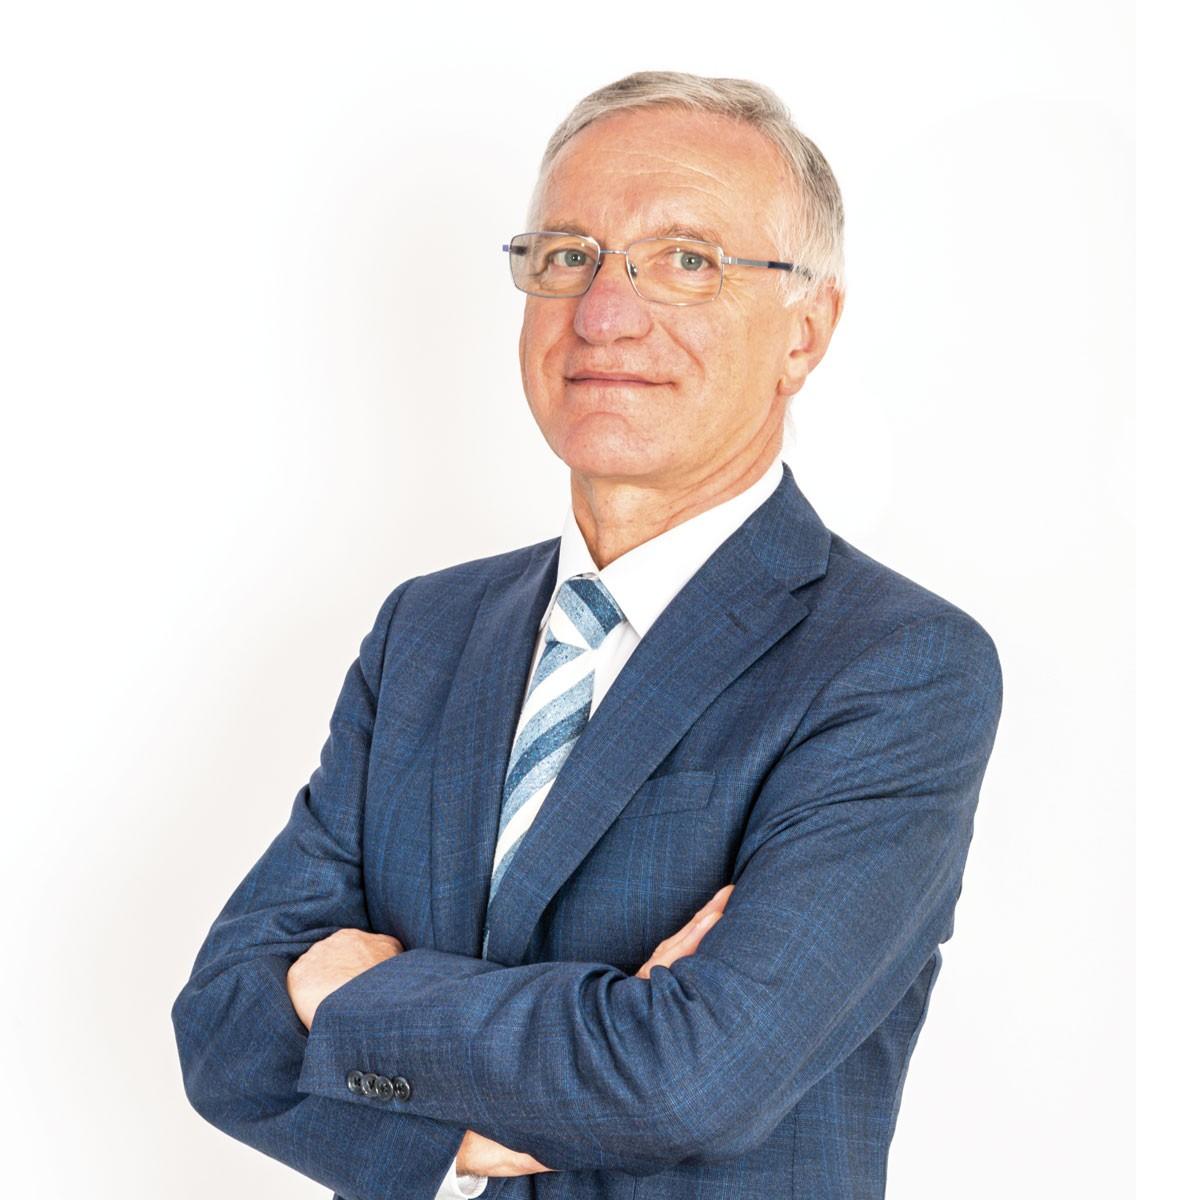 Marco Radice